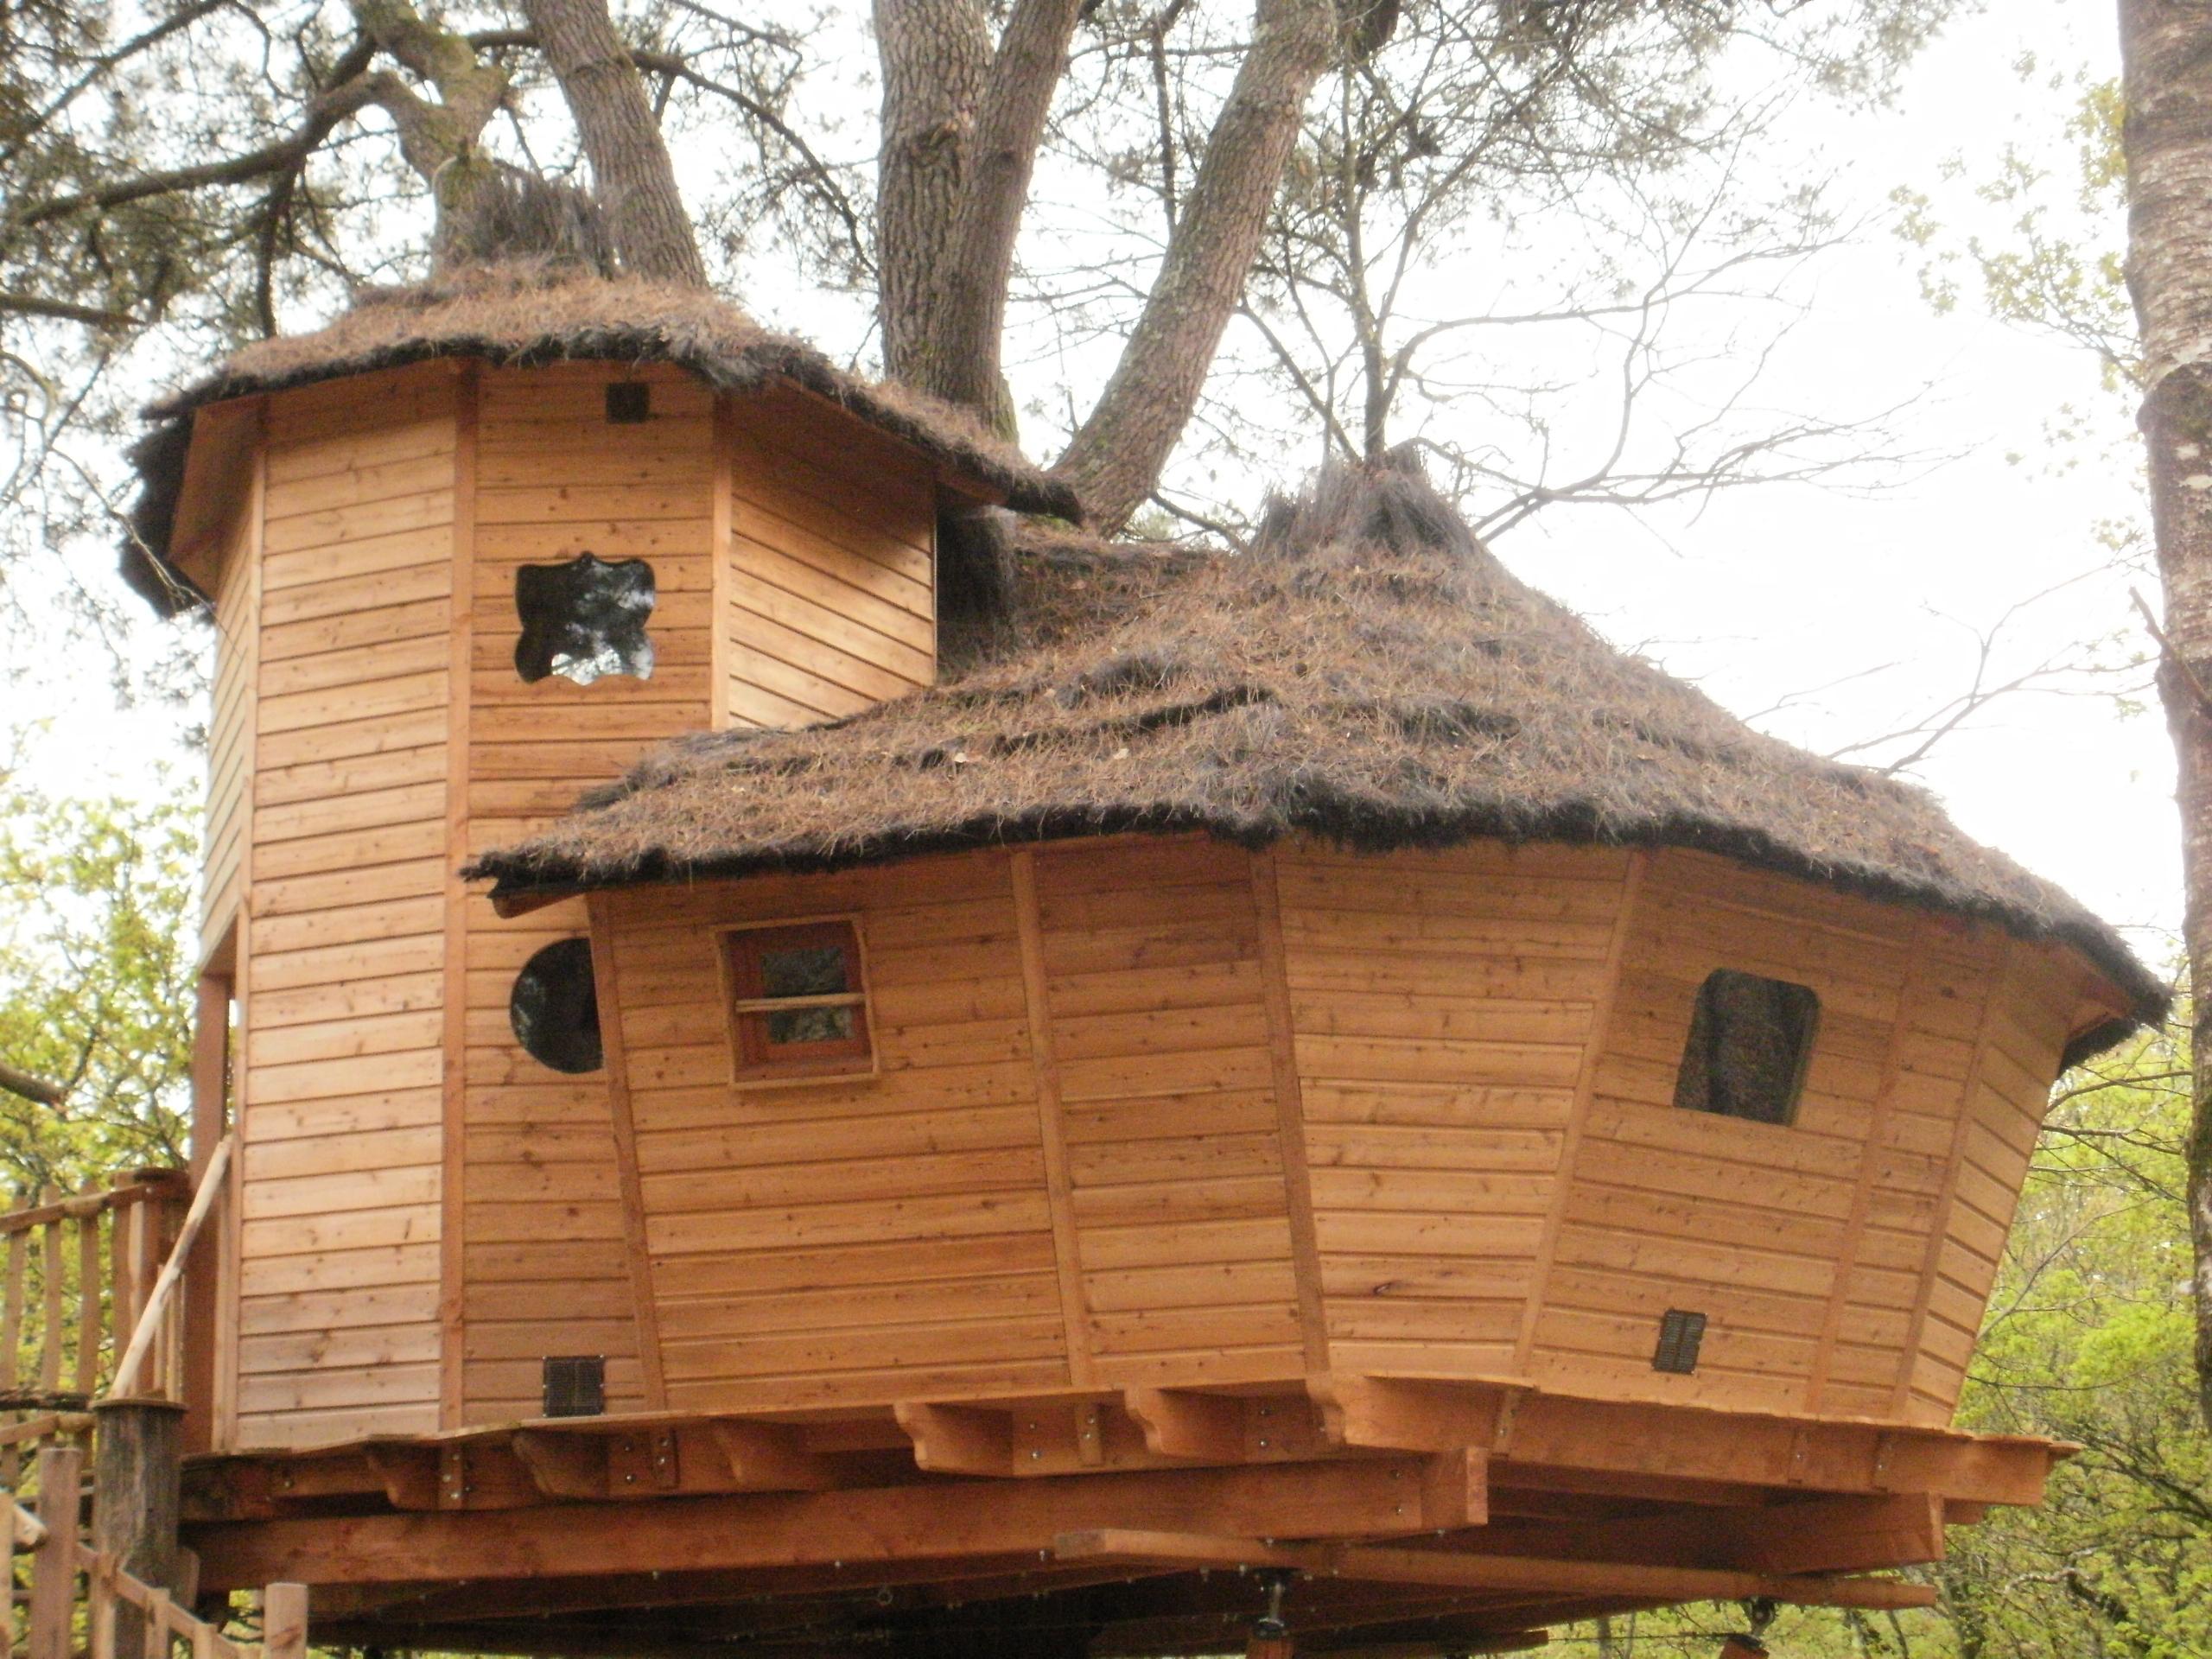 cabane dans les arbres quistinic hbergements insolites de quncan cabane pilotis gte bretagne. Black Bedroom Furniture Sets. Home Design Ideas